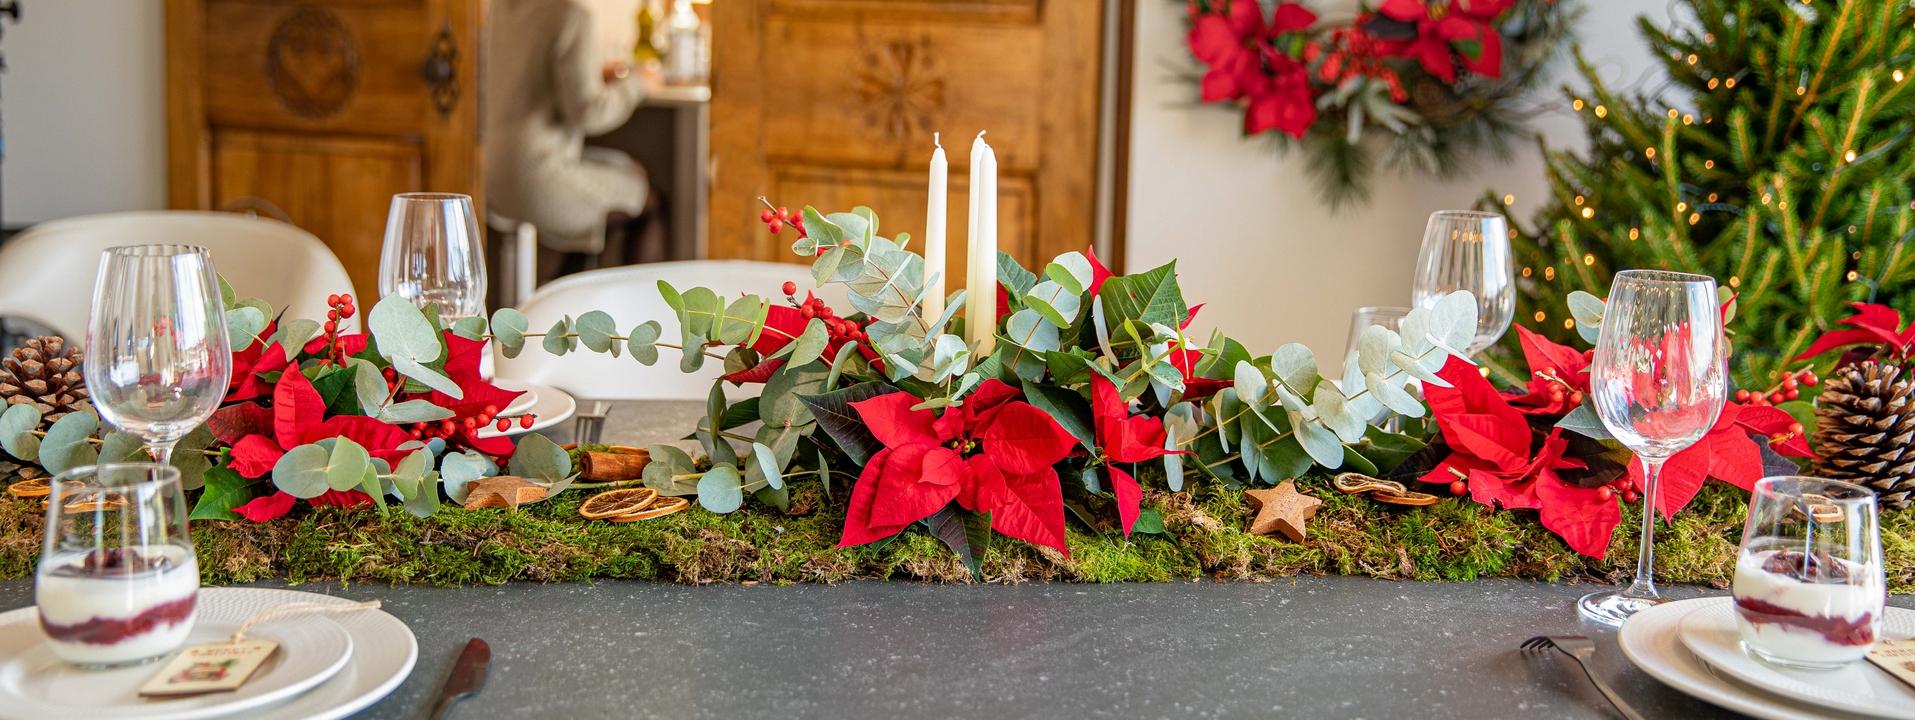 Végétaliser ma maison pour Noël